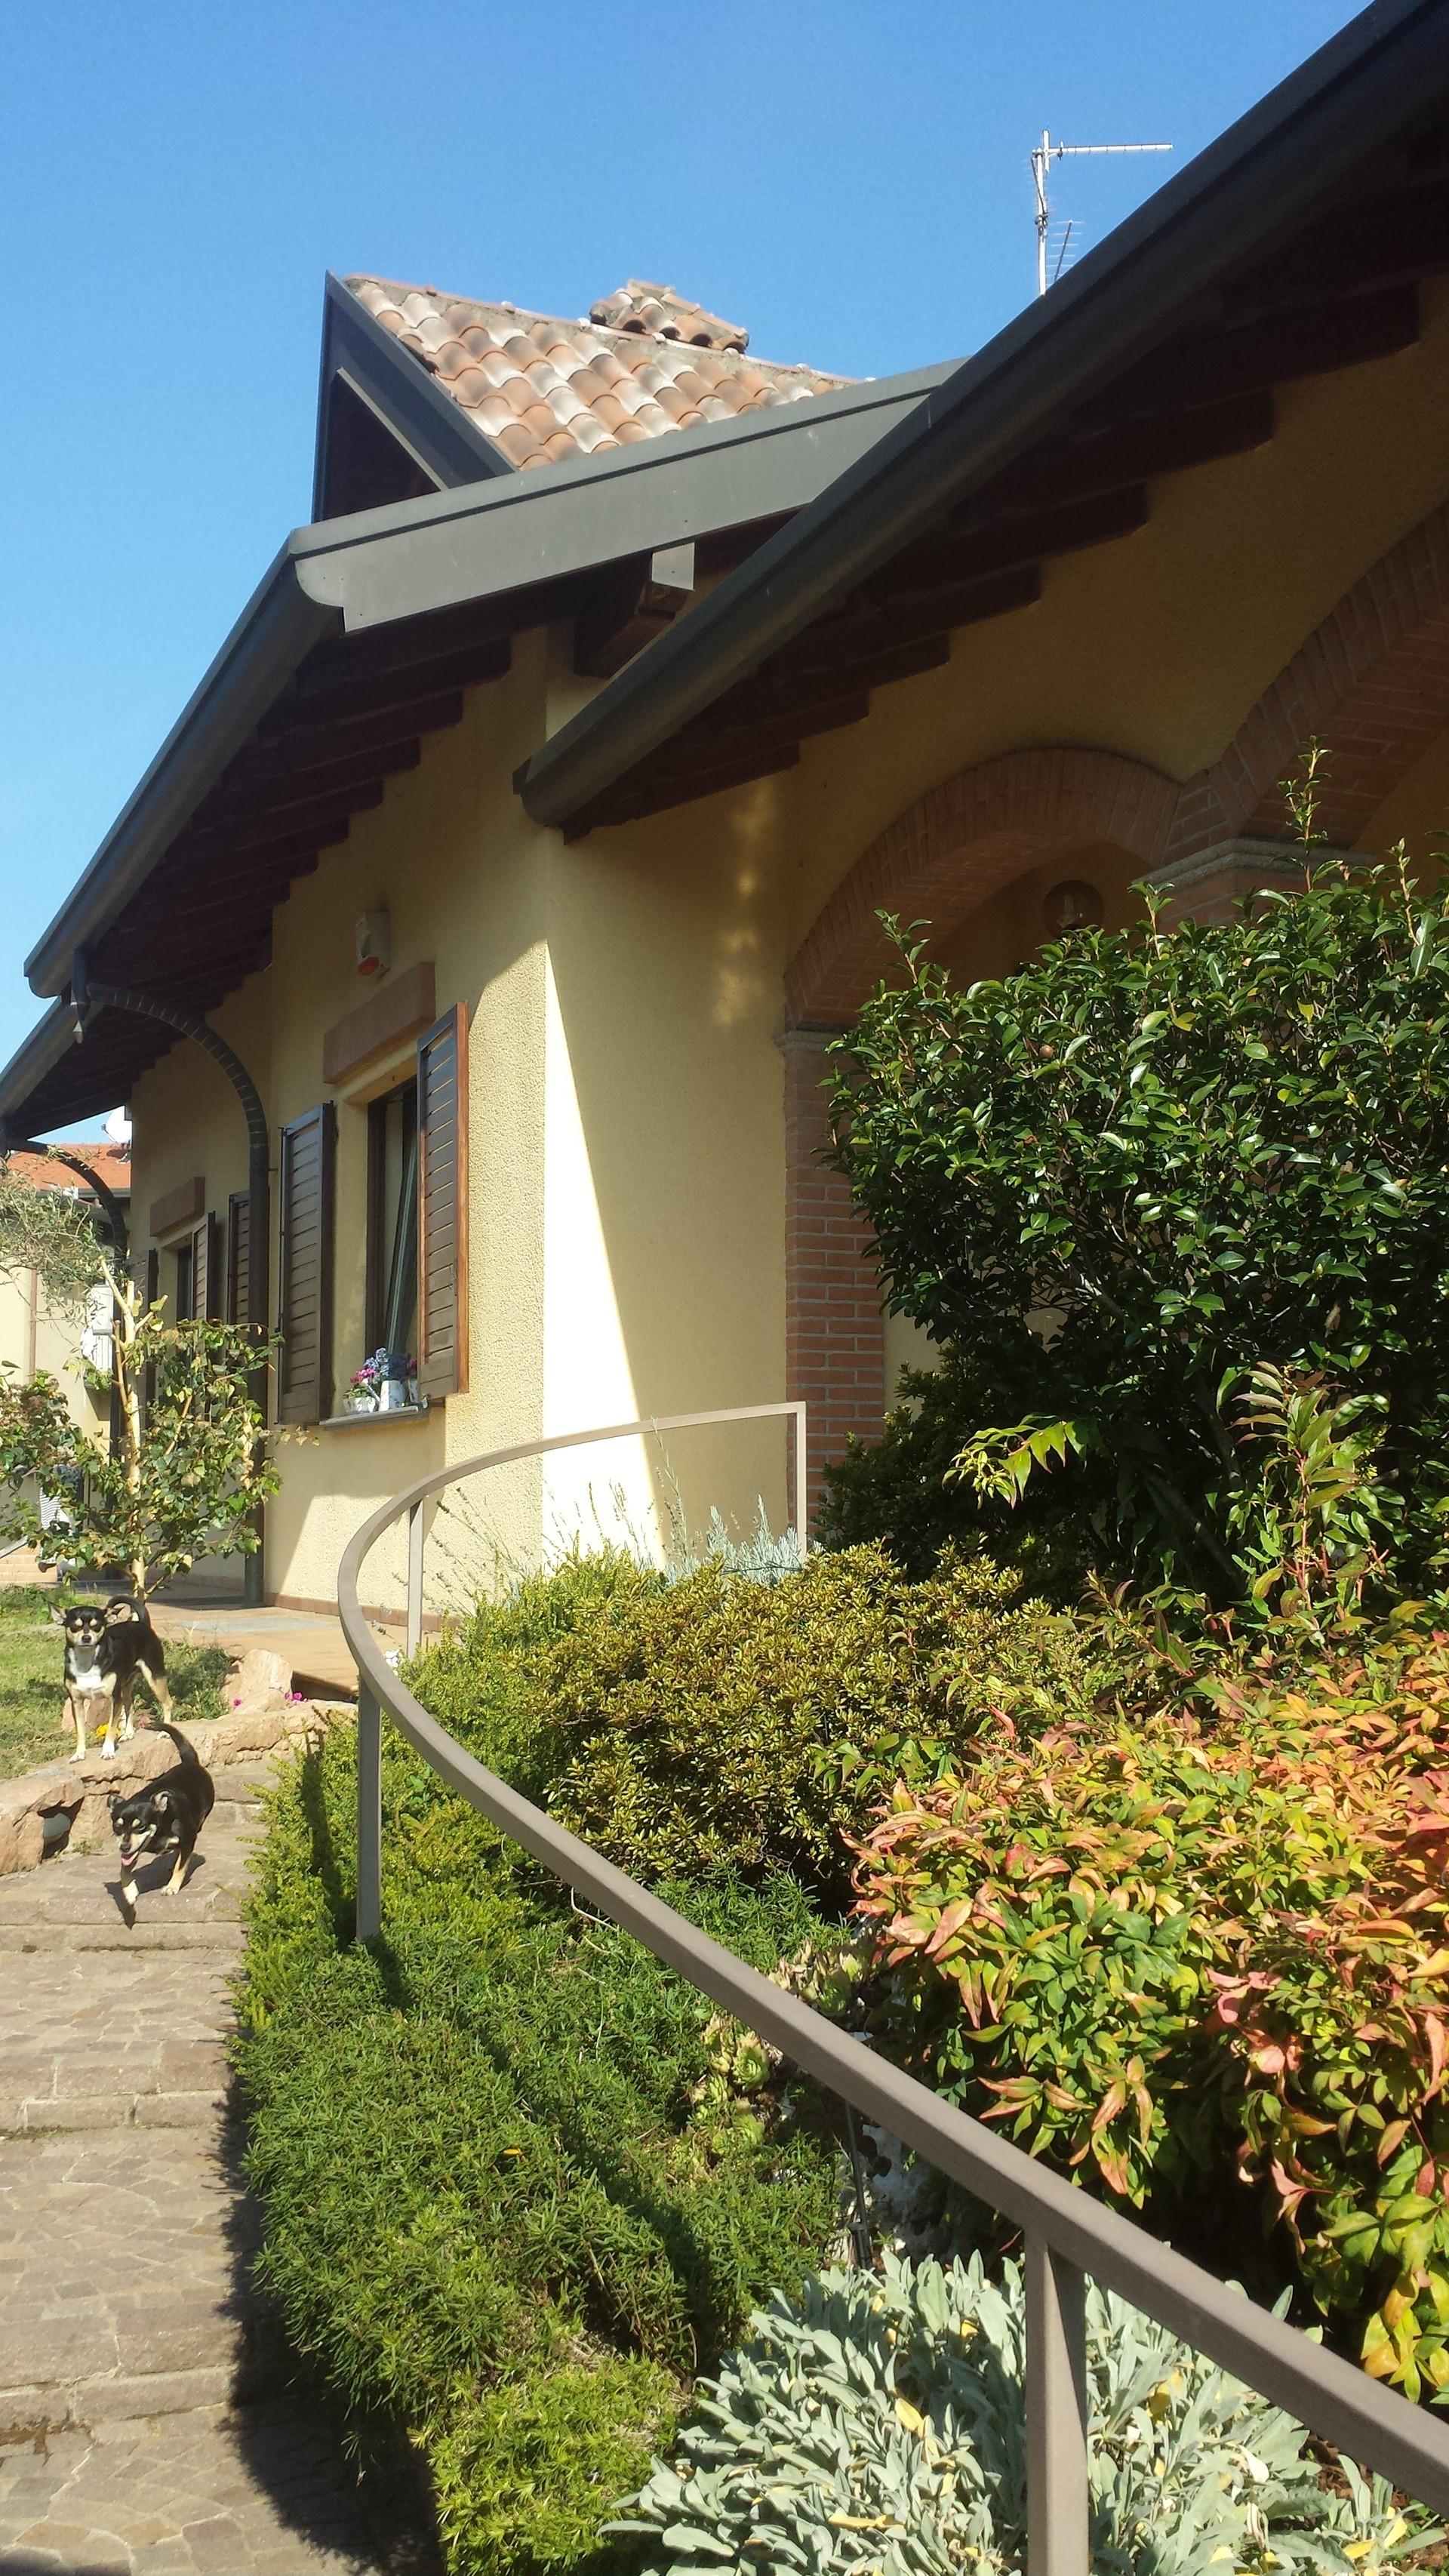 camera-doppia-finemente-arredata-in-villa-giardino-d7207bdd1c61d5aa8c37b1b3794e8bdf